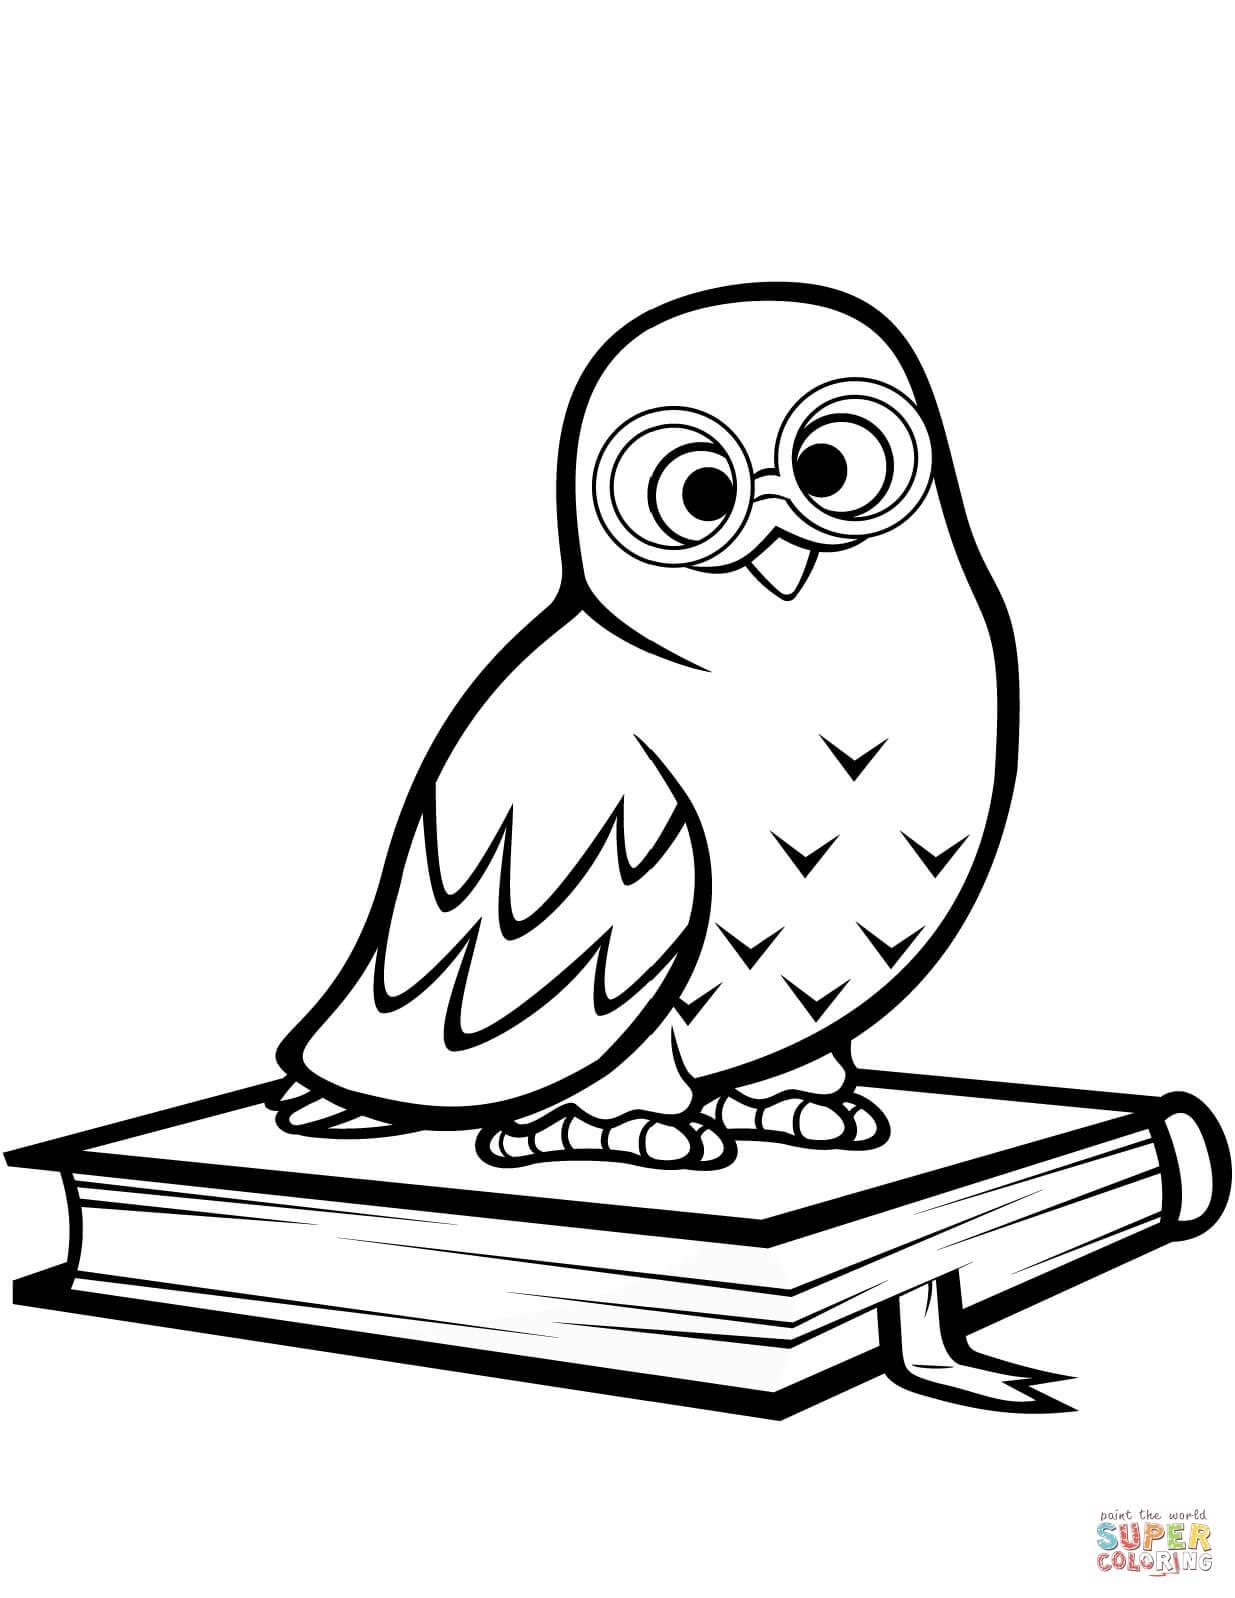 ינשוף על ספר לצביעה